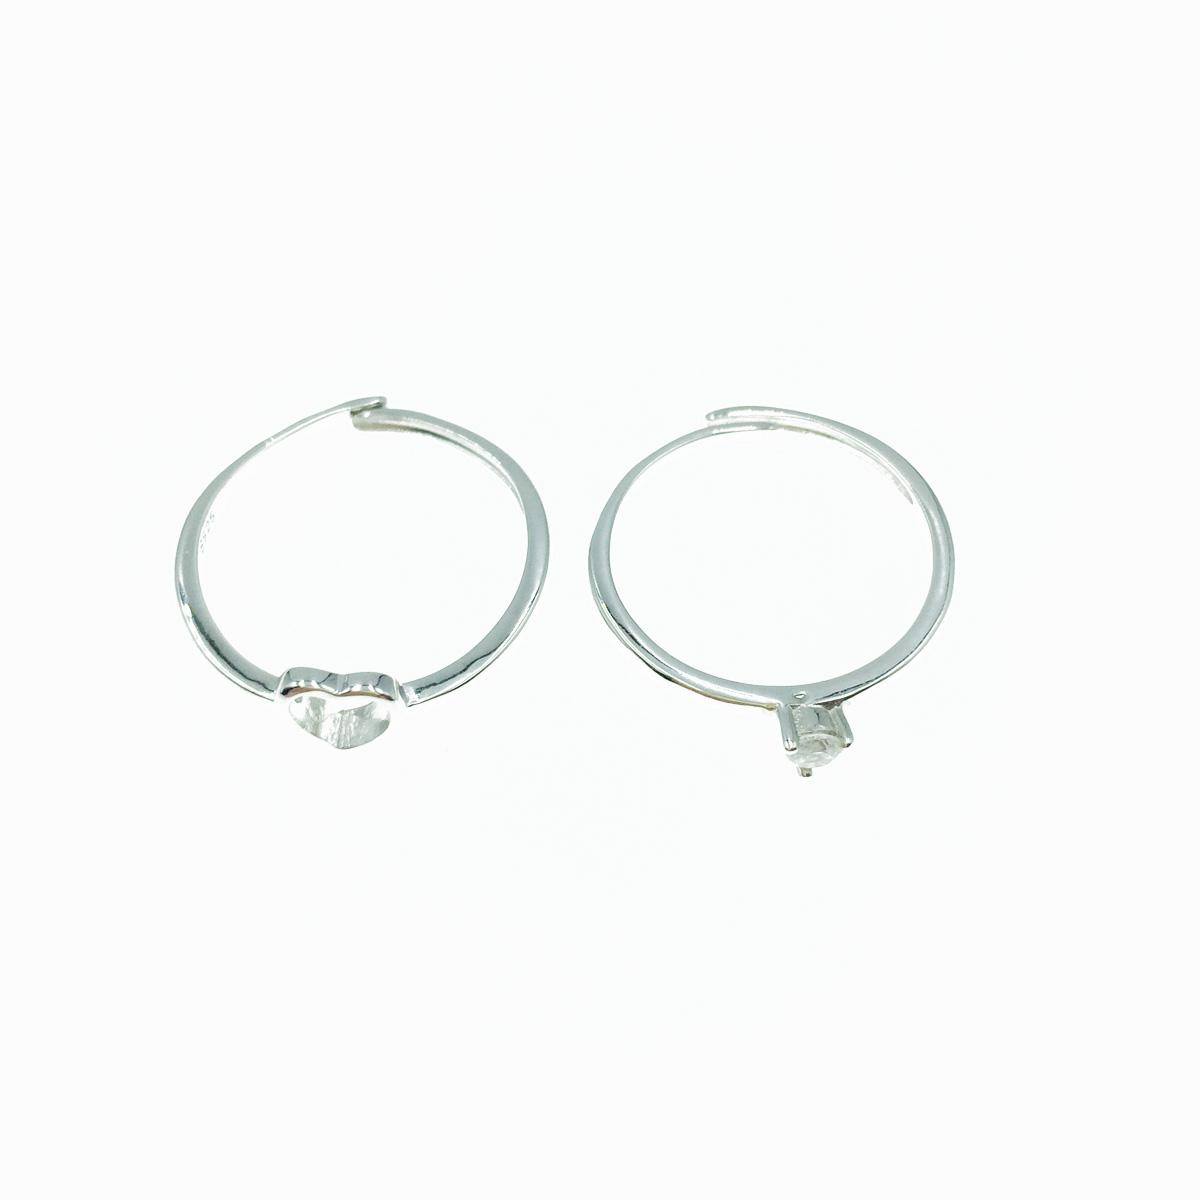 韓國 925純銀 簍空愛心 水鑽 兩入組 可調式 戒指